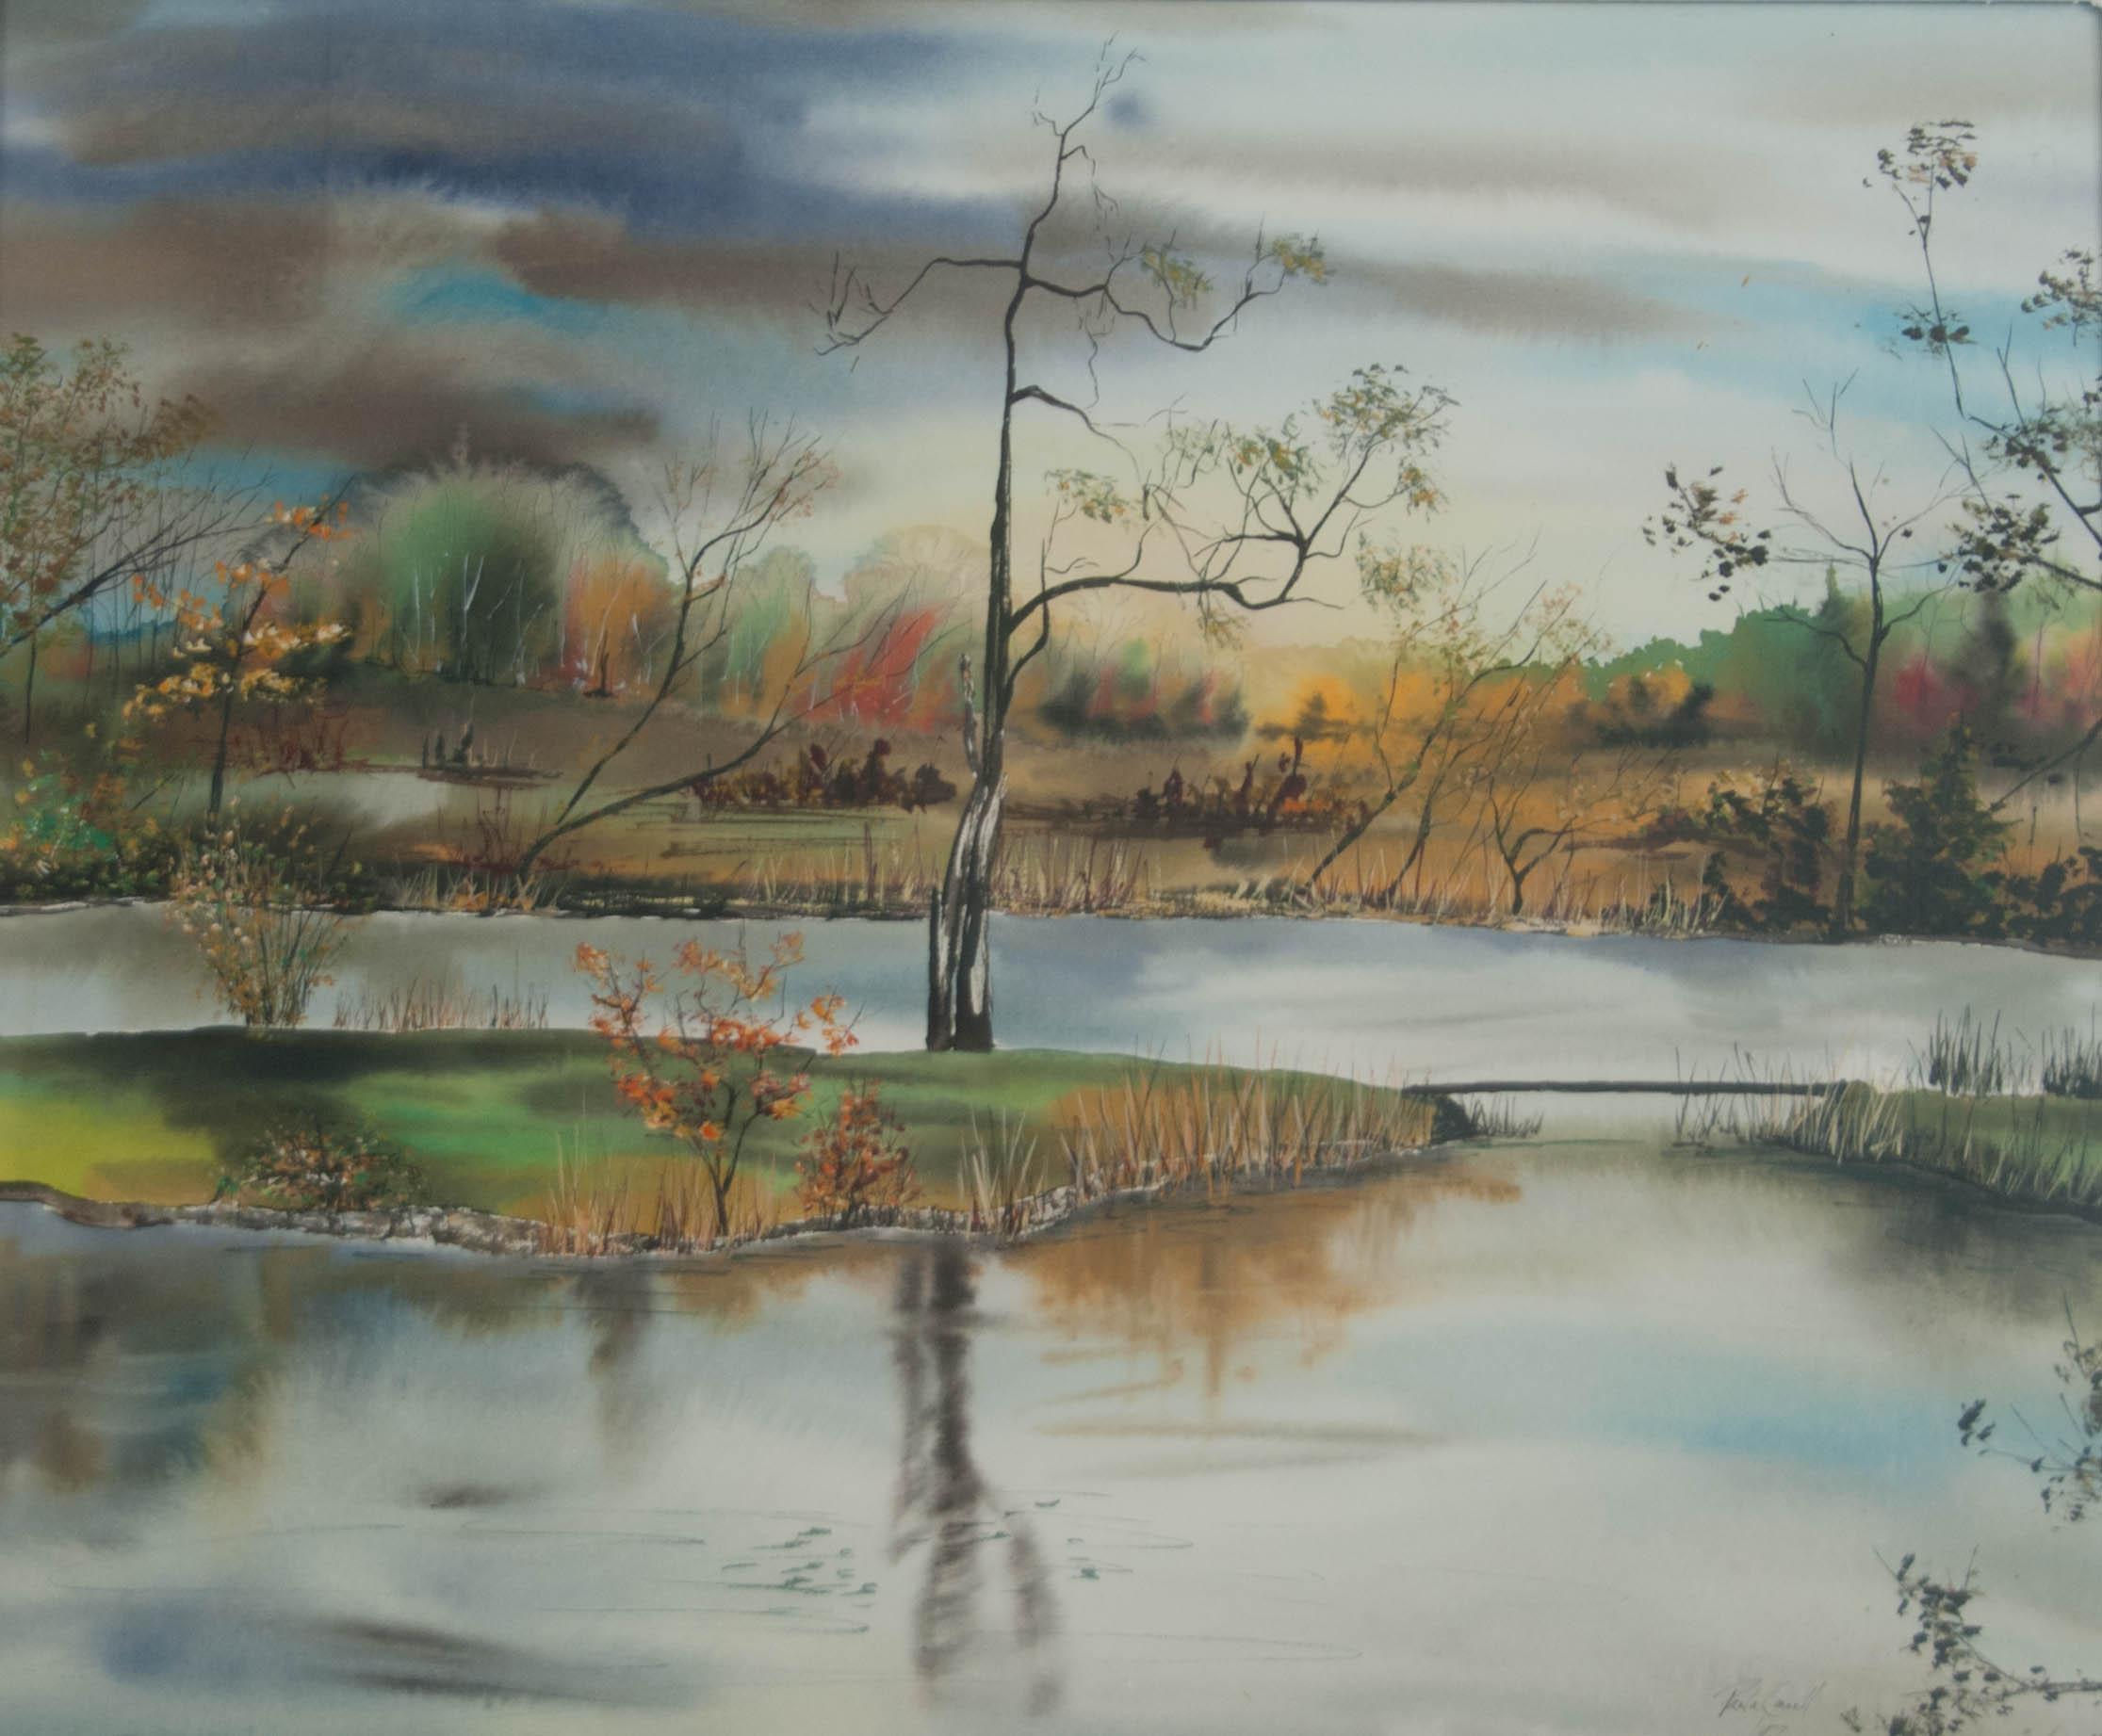 Scugog Pond